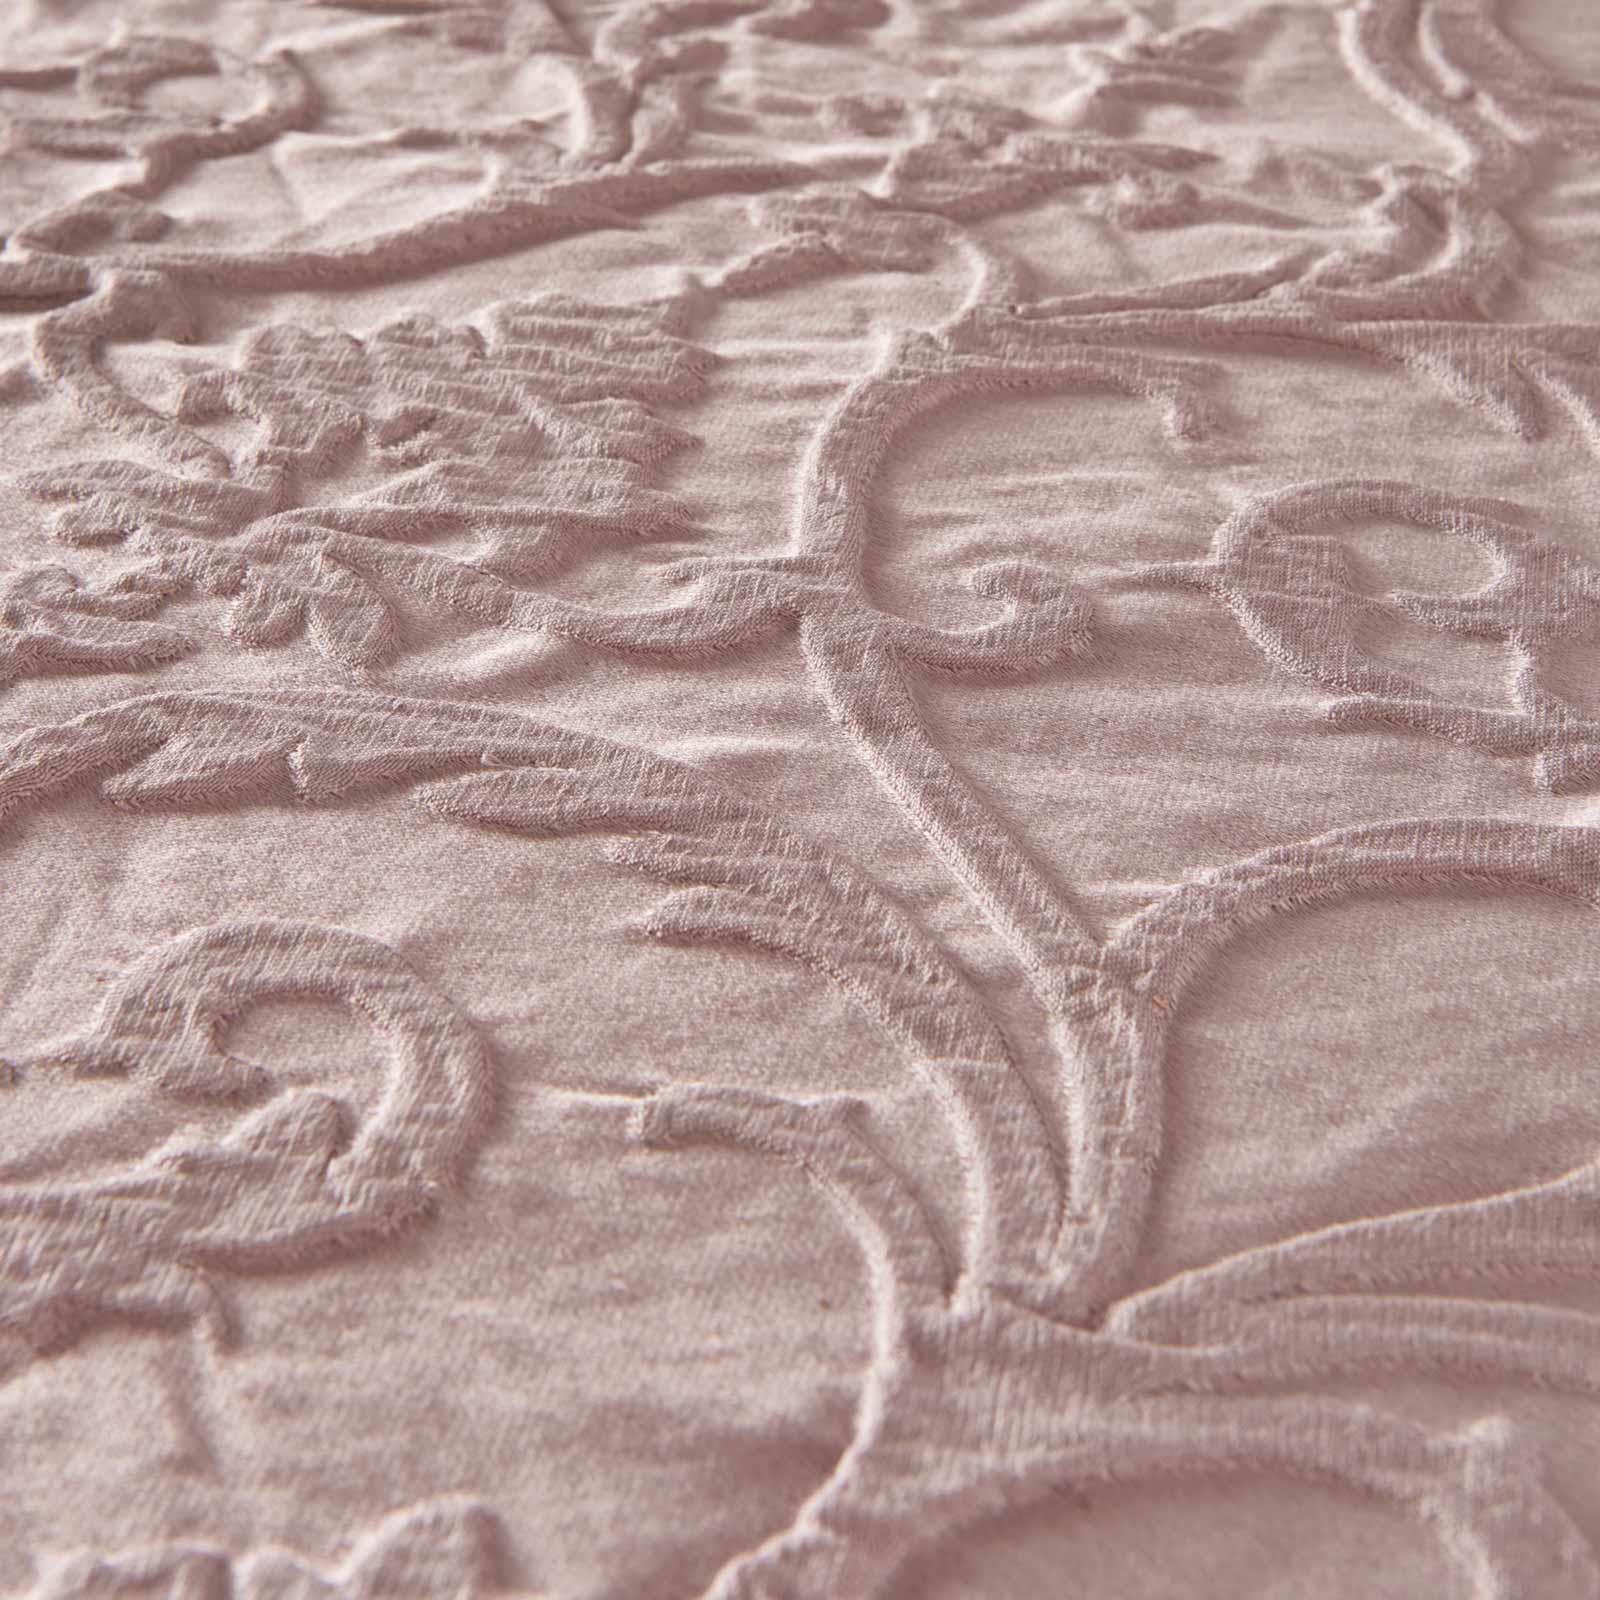 Blush-fundas-nordicas-Rosa-con-Textura-Jacquard-Edredon-Cubierta-de-Lujo-Coleccion-de-ropa-de-cama miniatura 9